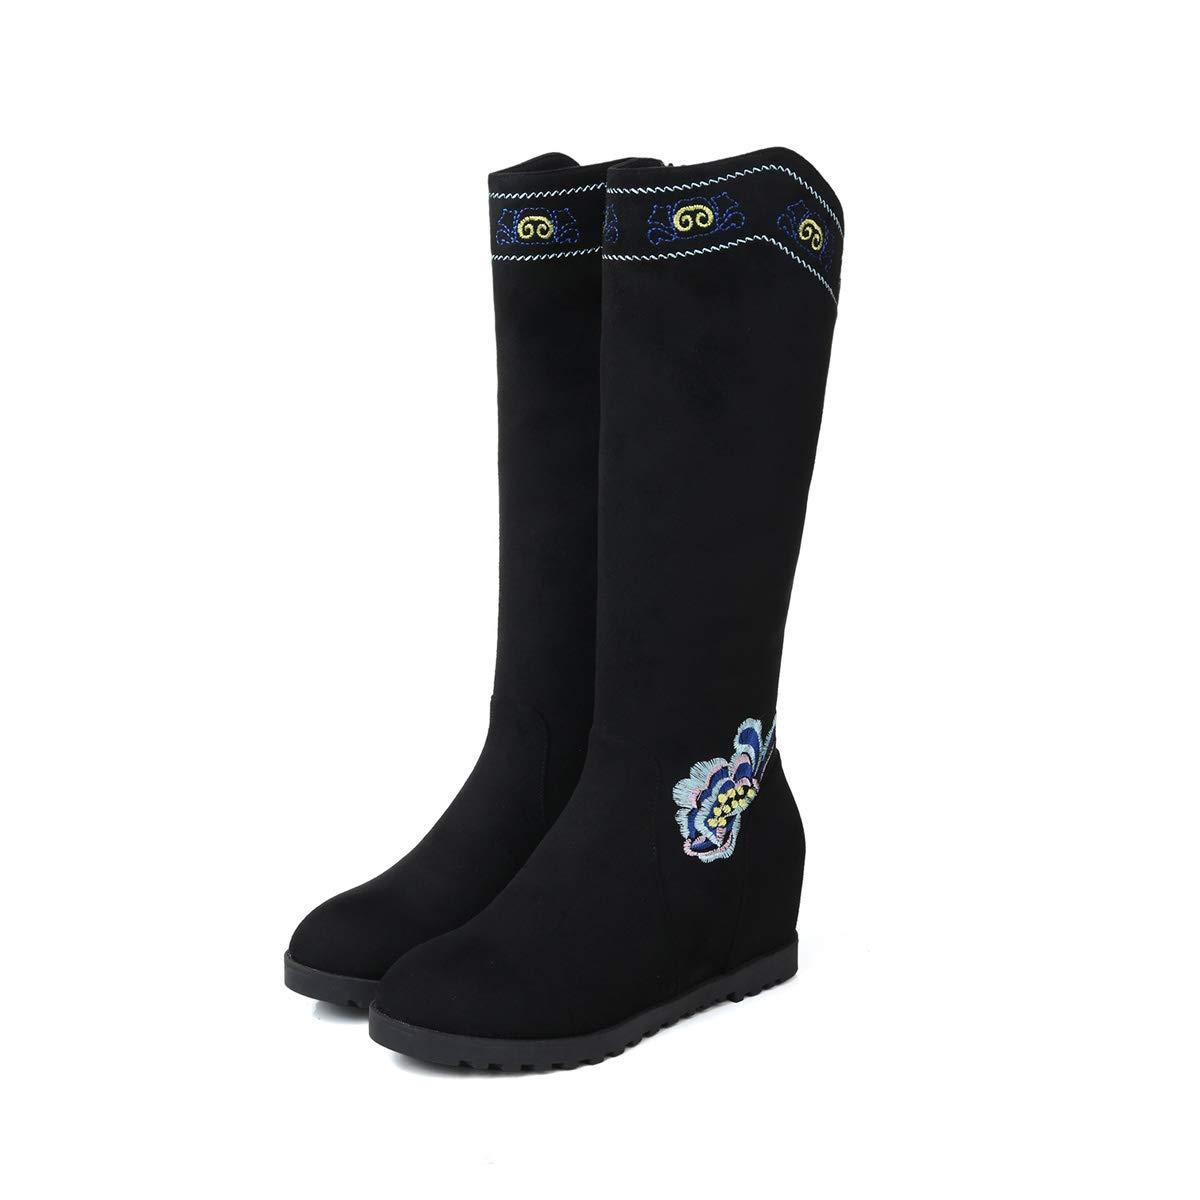 2018年女性用ブーツウエッジヒールエスニック刺繍カーフブーツ秋冬ウォームクラシック隠されたヒールブーツブラック,黒,39EU 黒 39EU